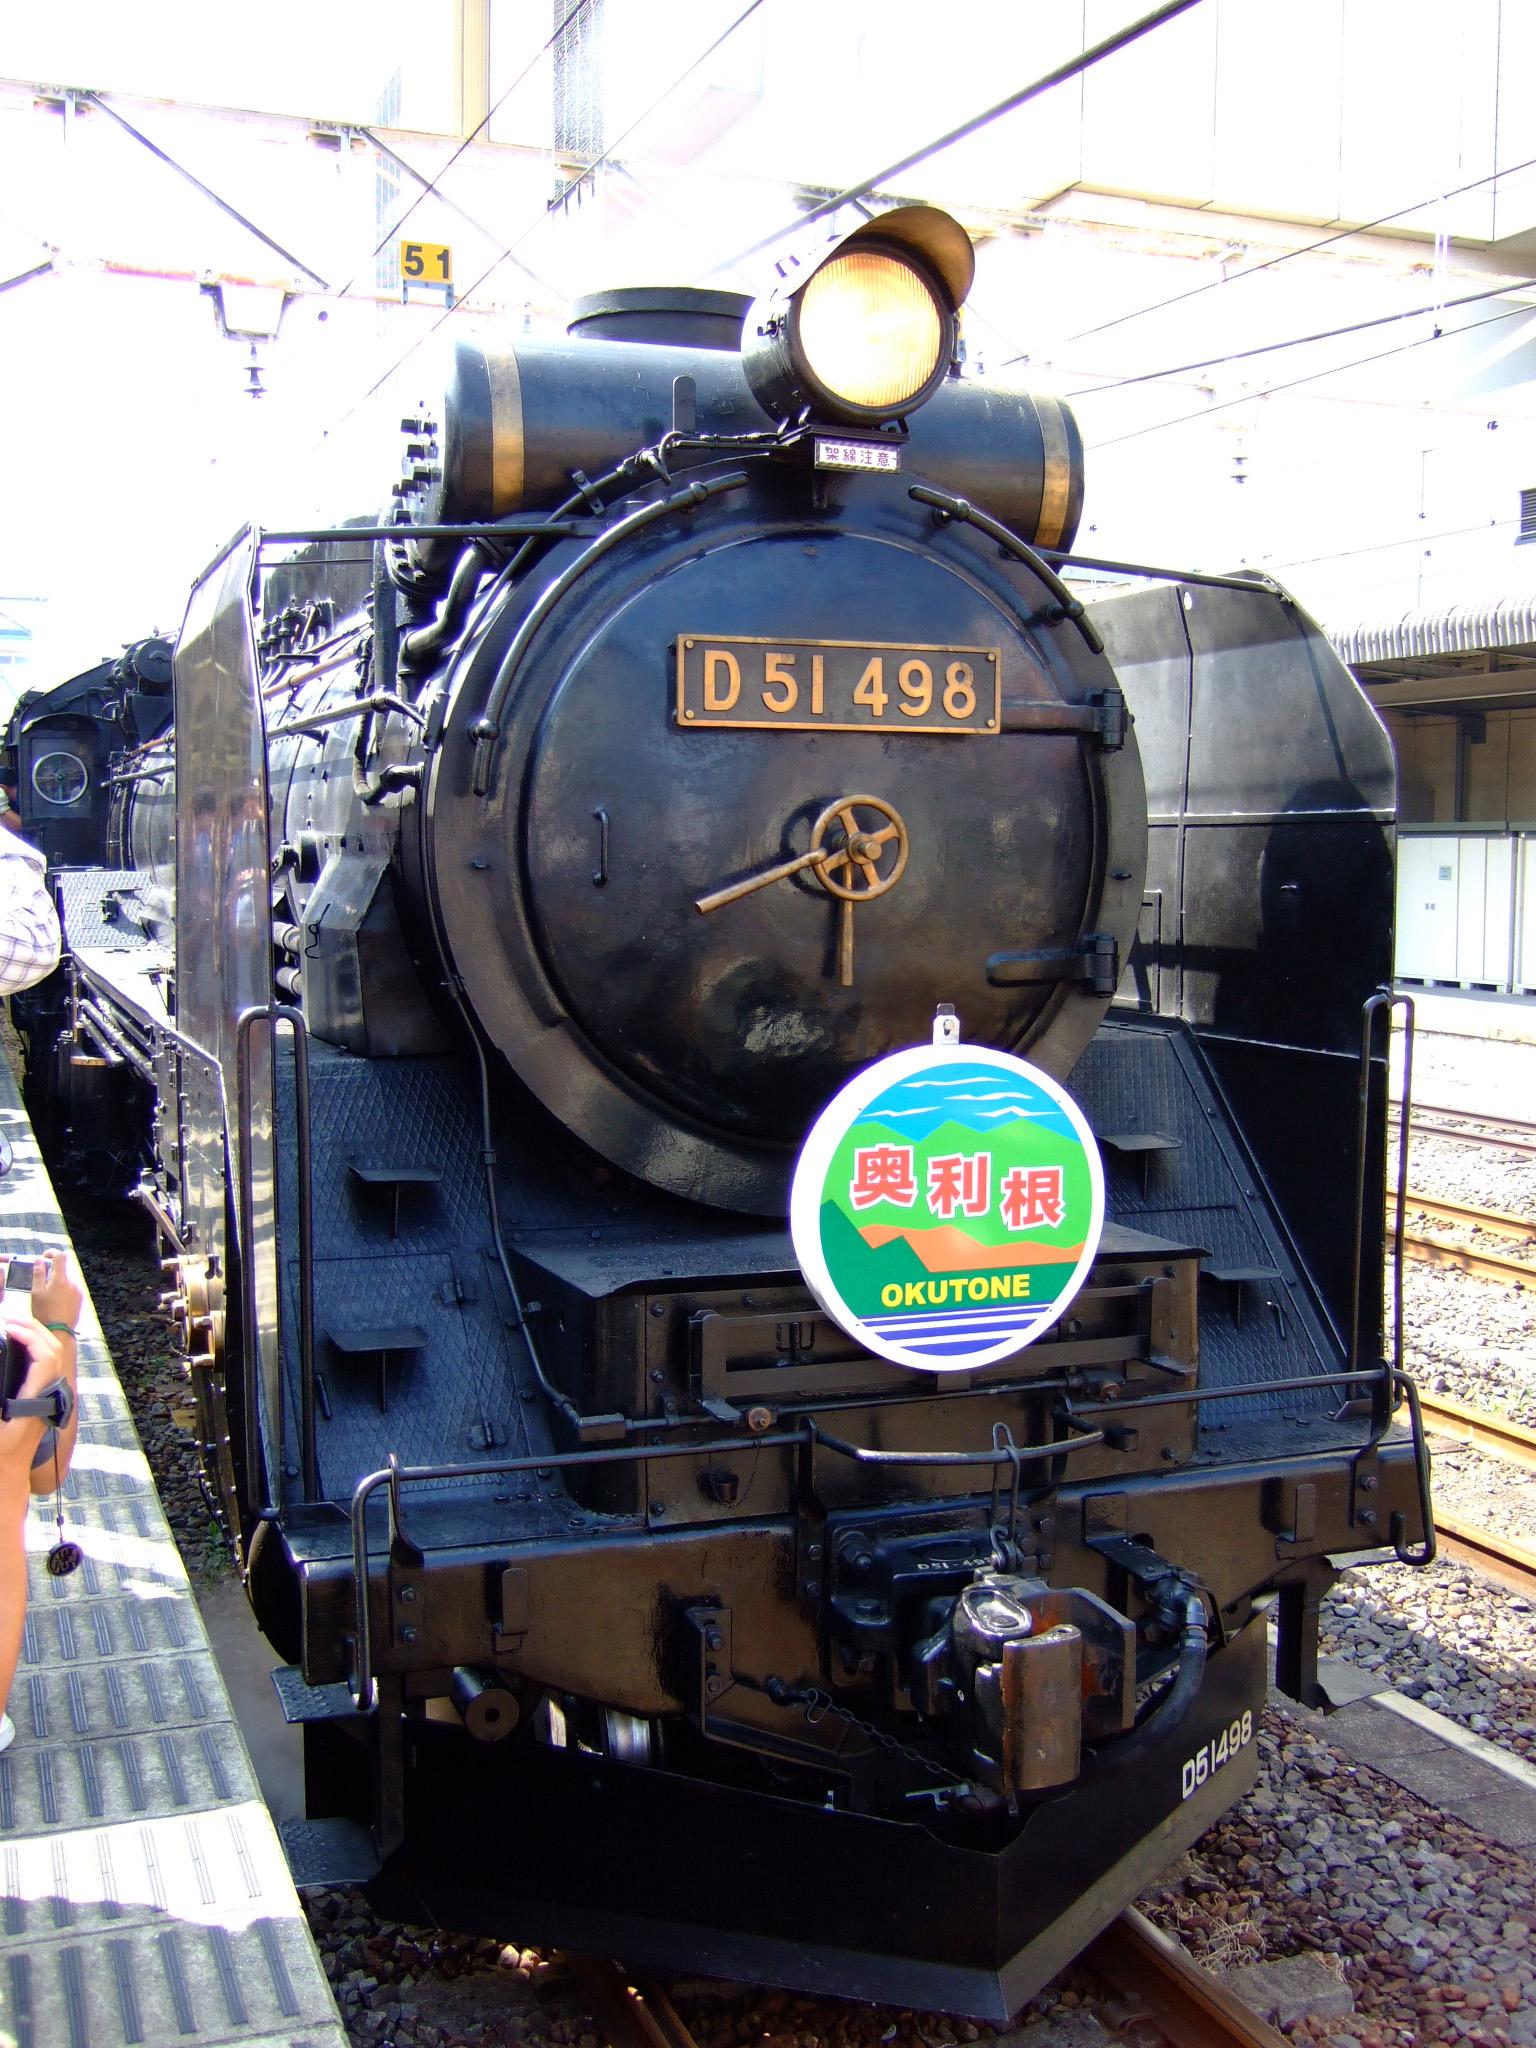 Dscf24501